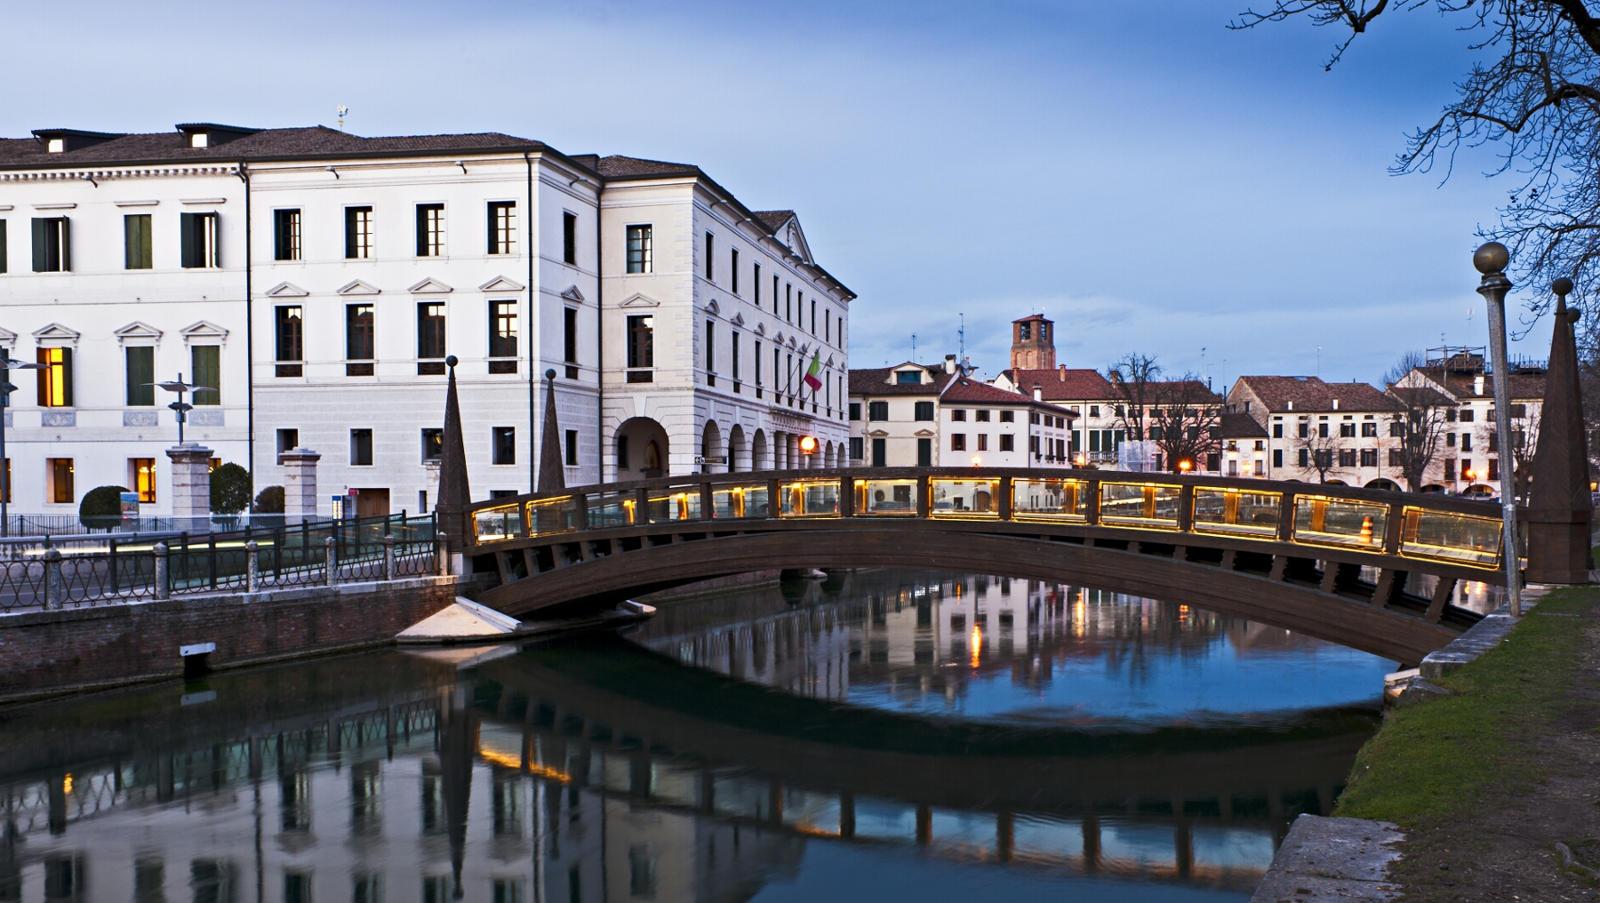 Valutazione Immobili Treviso